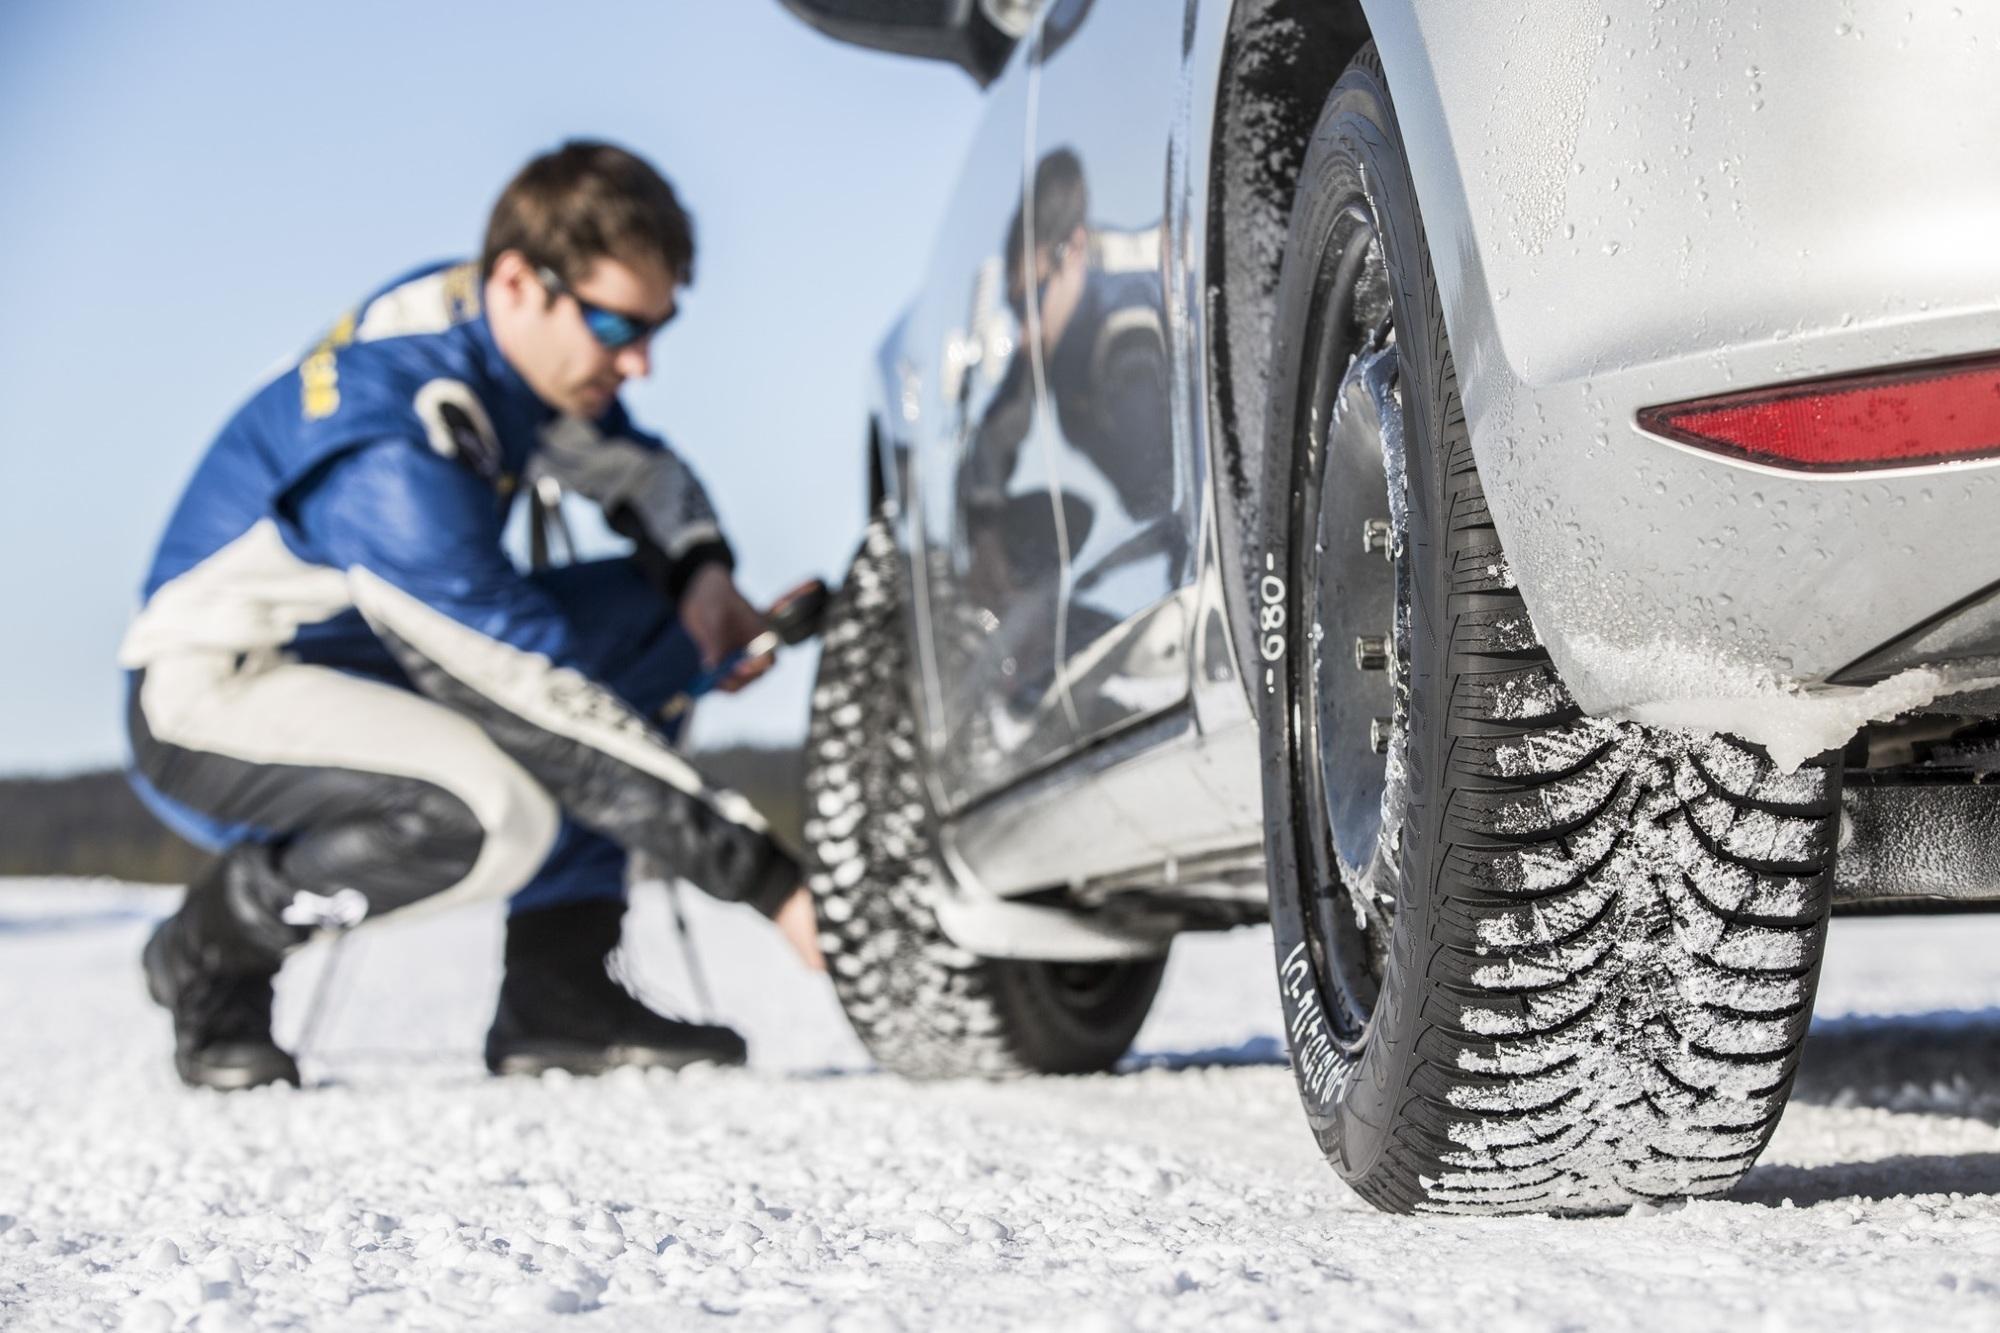 Winterreifen-Tester - Nichts für Ungeduldige und Frostbeulen